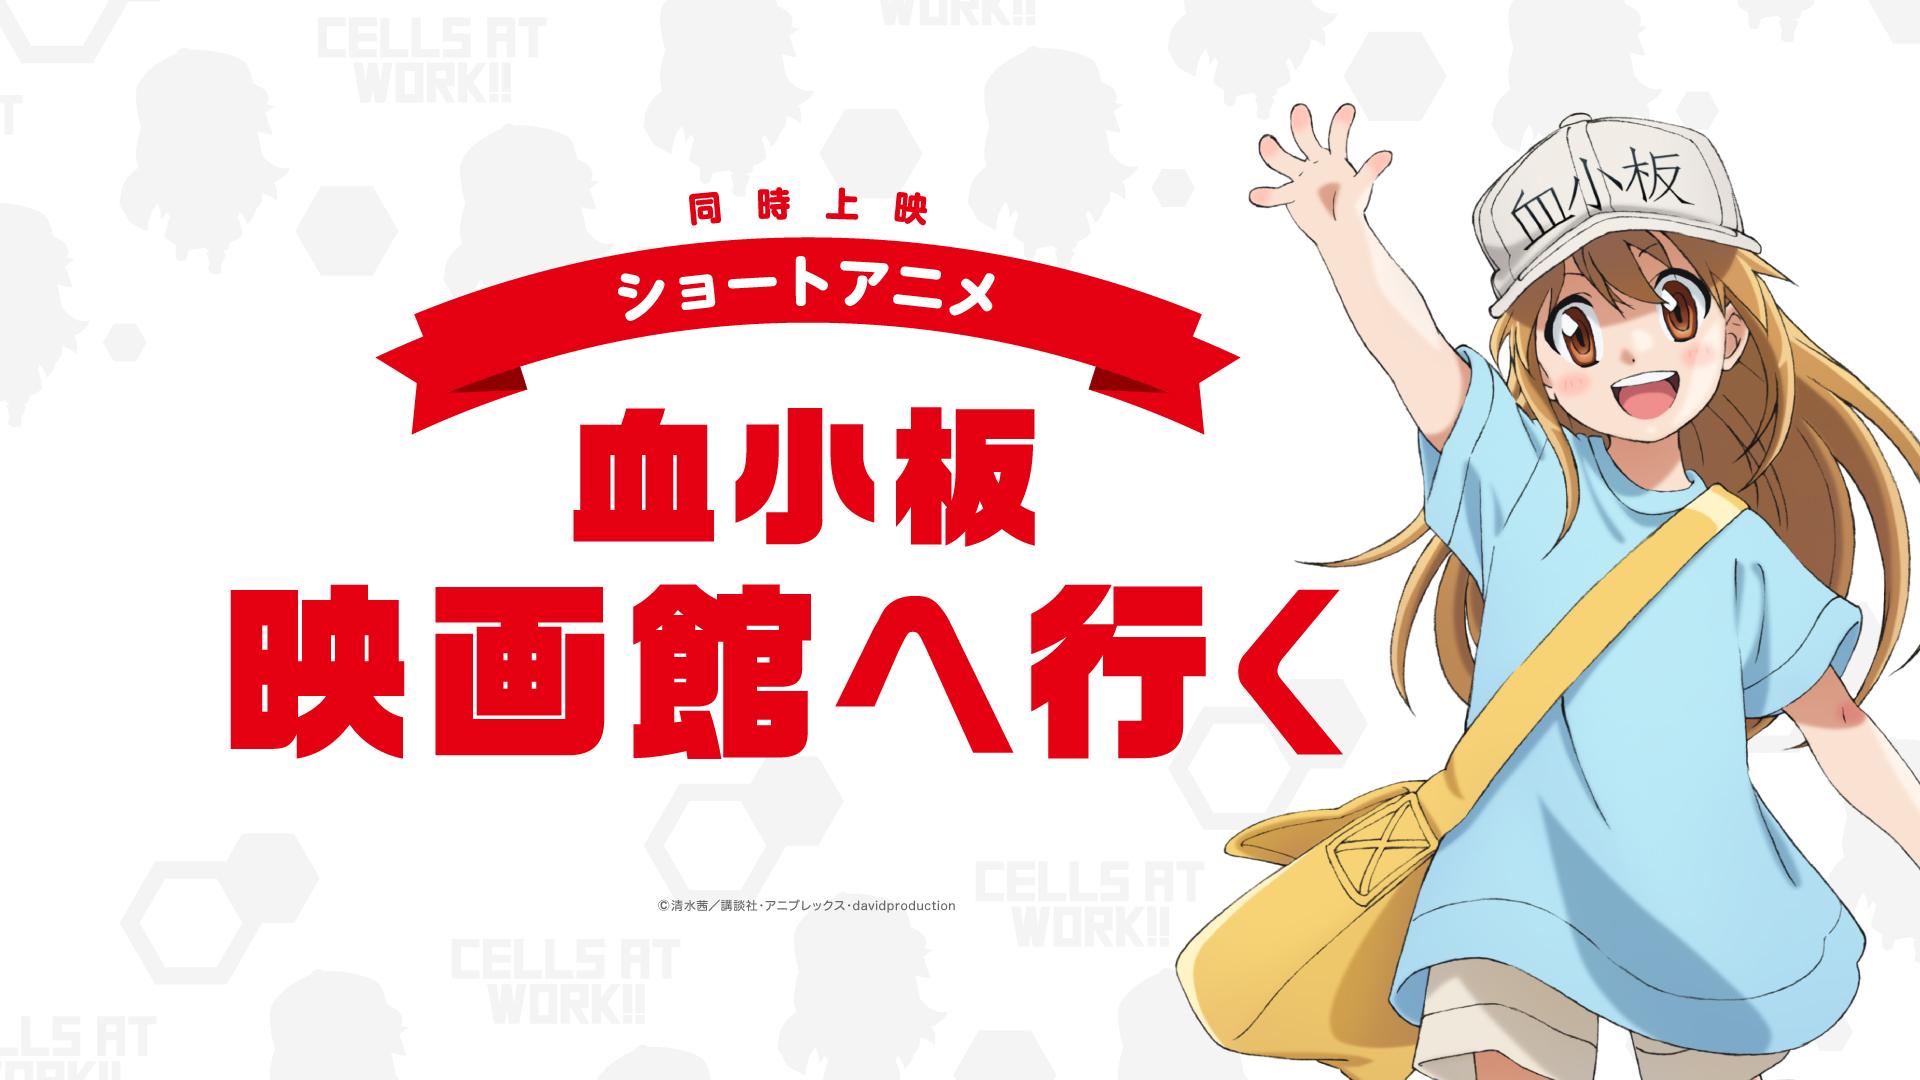 特別上映版『はたらく細胞』血小板のショートアニメ同時上映決定!前野智昭さん&長縄まりあさんが踊る体操動画も公開